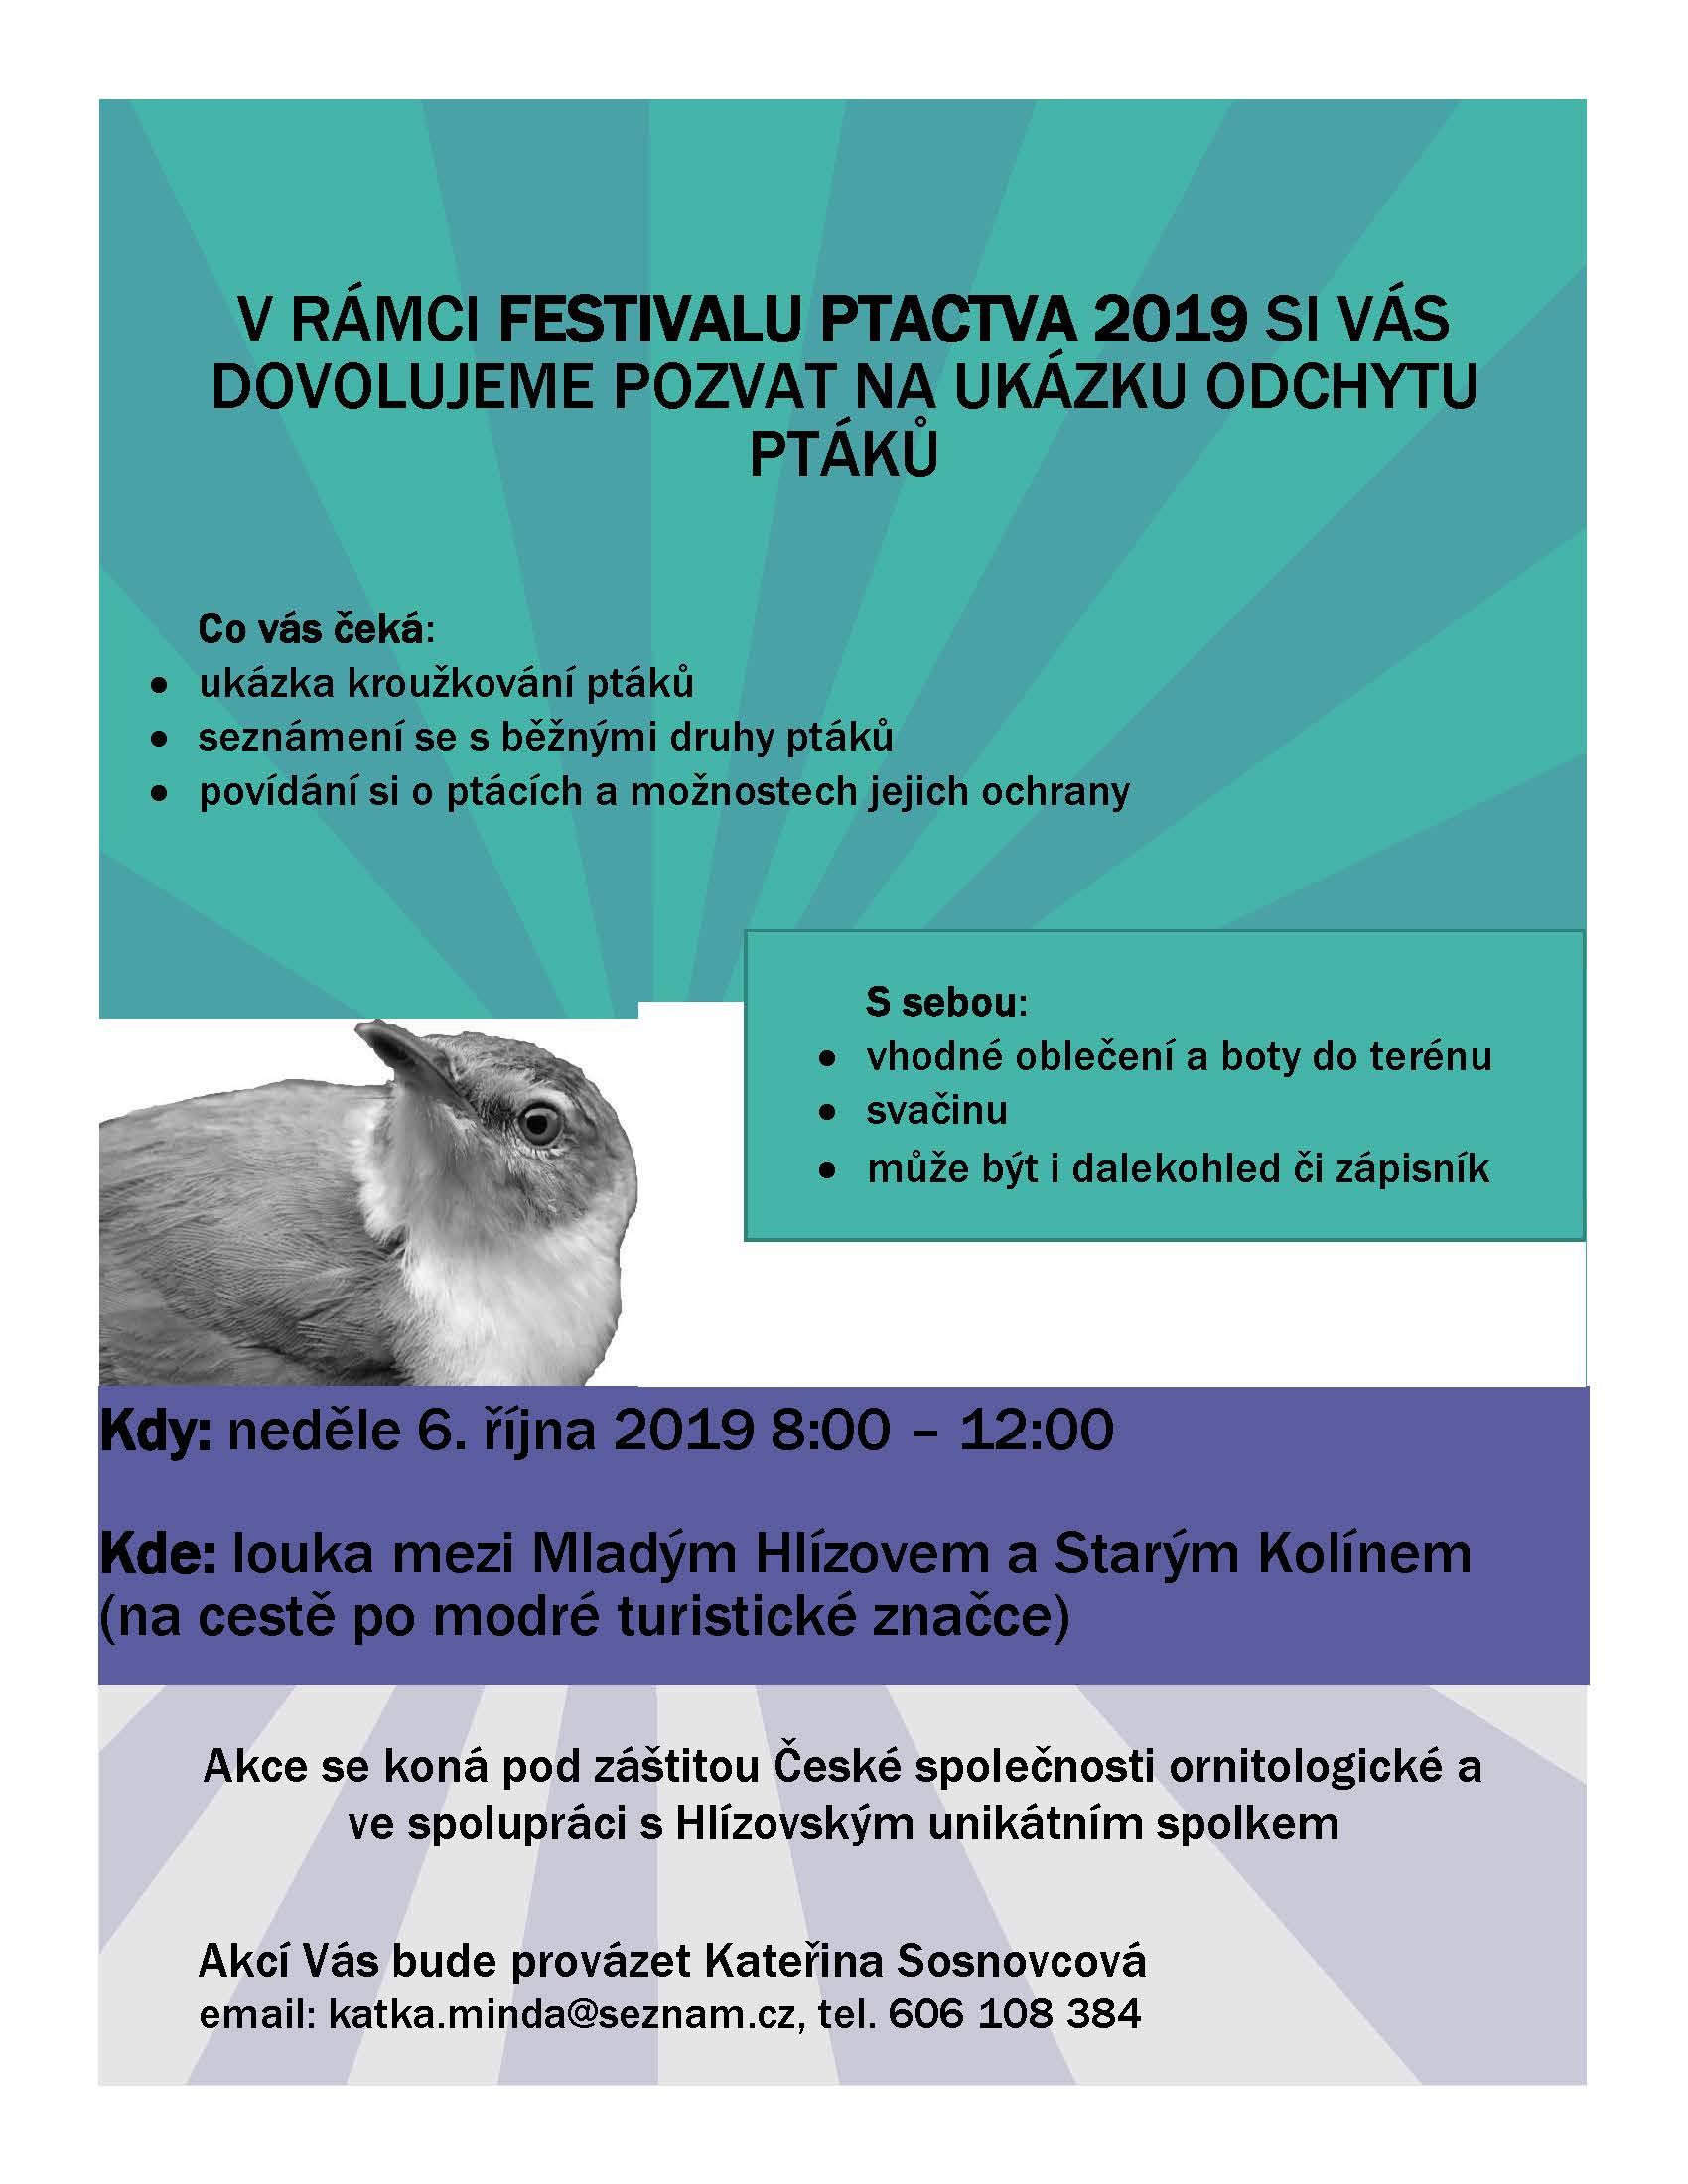 6780-pozvanka-na-festival-ptactva.jpg